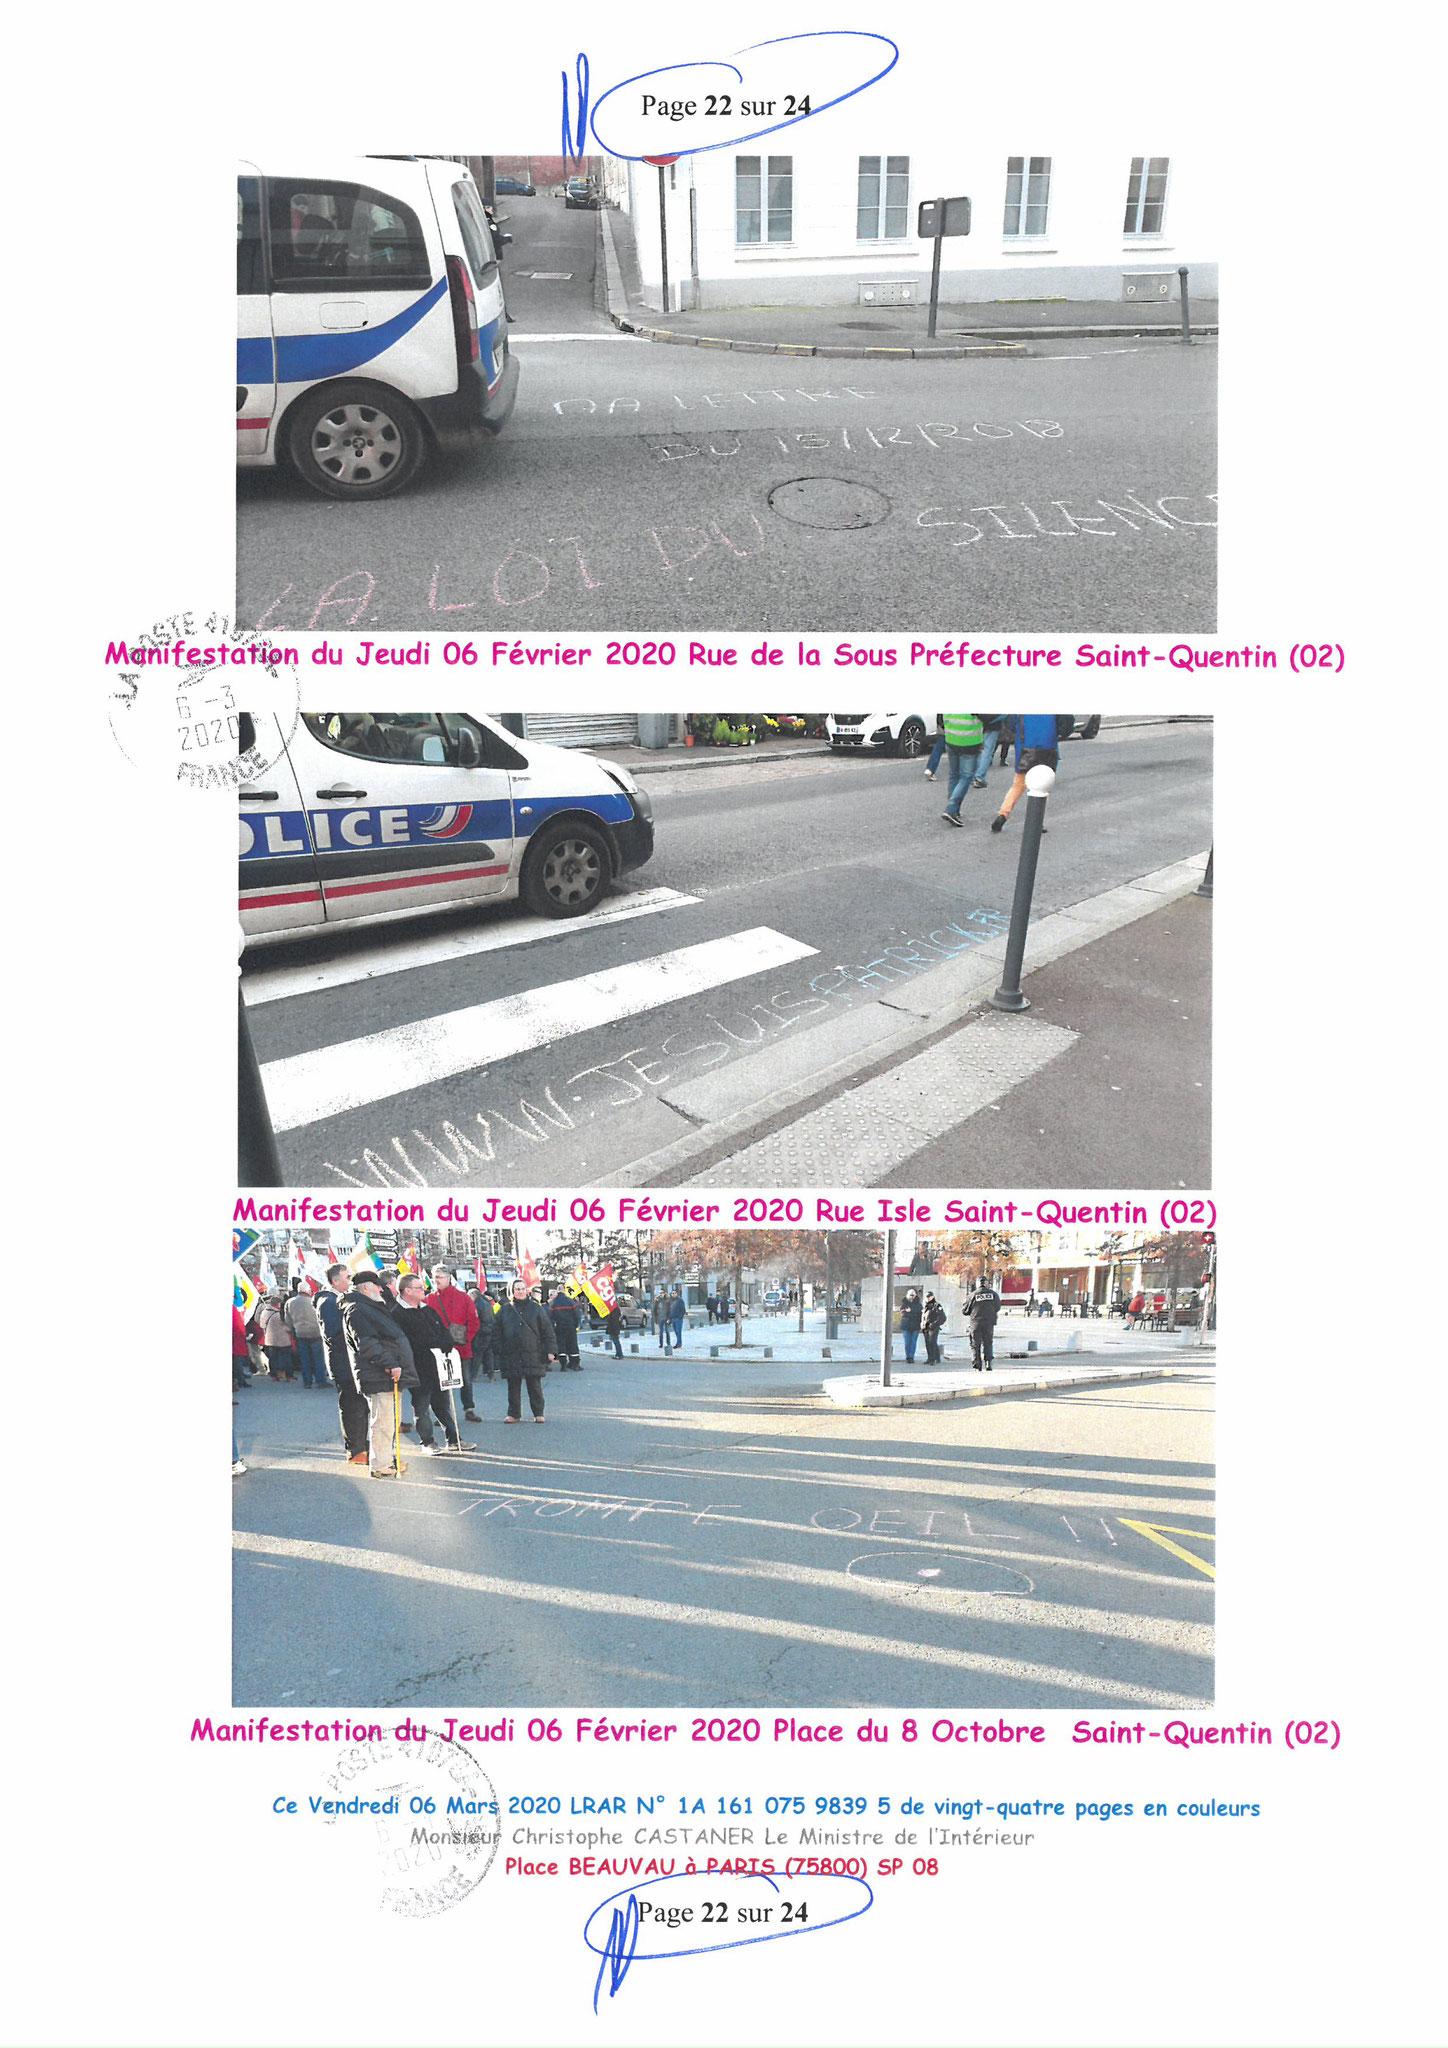 Ma LRAR à Monsieur le Ministre de l'Intérieur Christophe CASTANER N°1A 161 075 9839 5  Page 22 sur 24 en couleur du 06 Mars 2020  www.jesuispatrick.fr